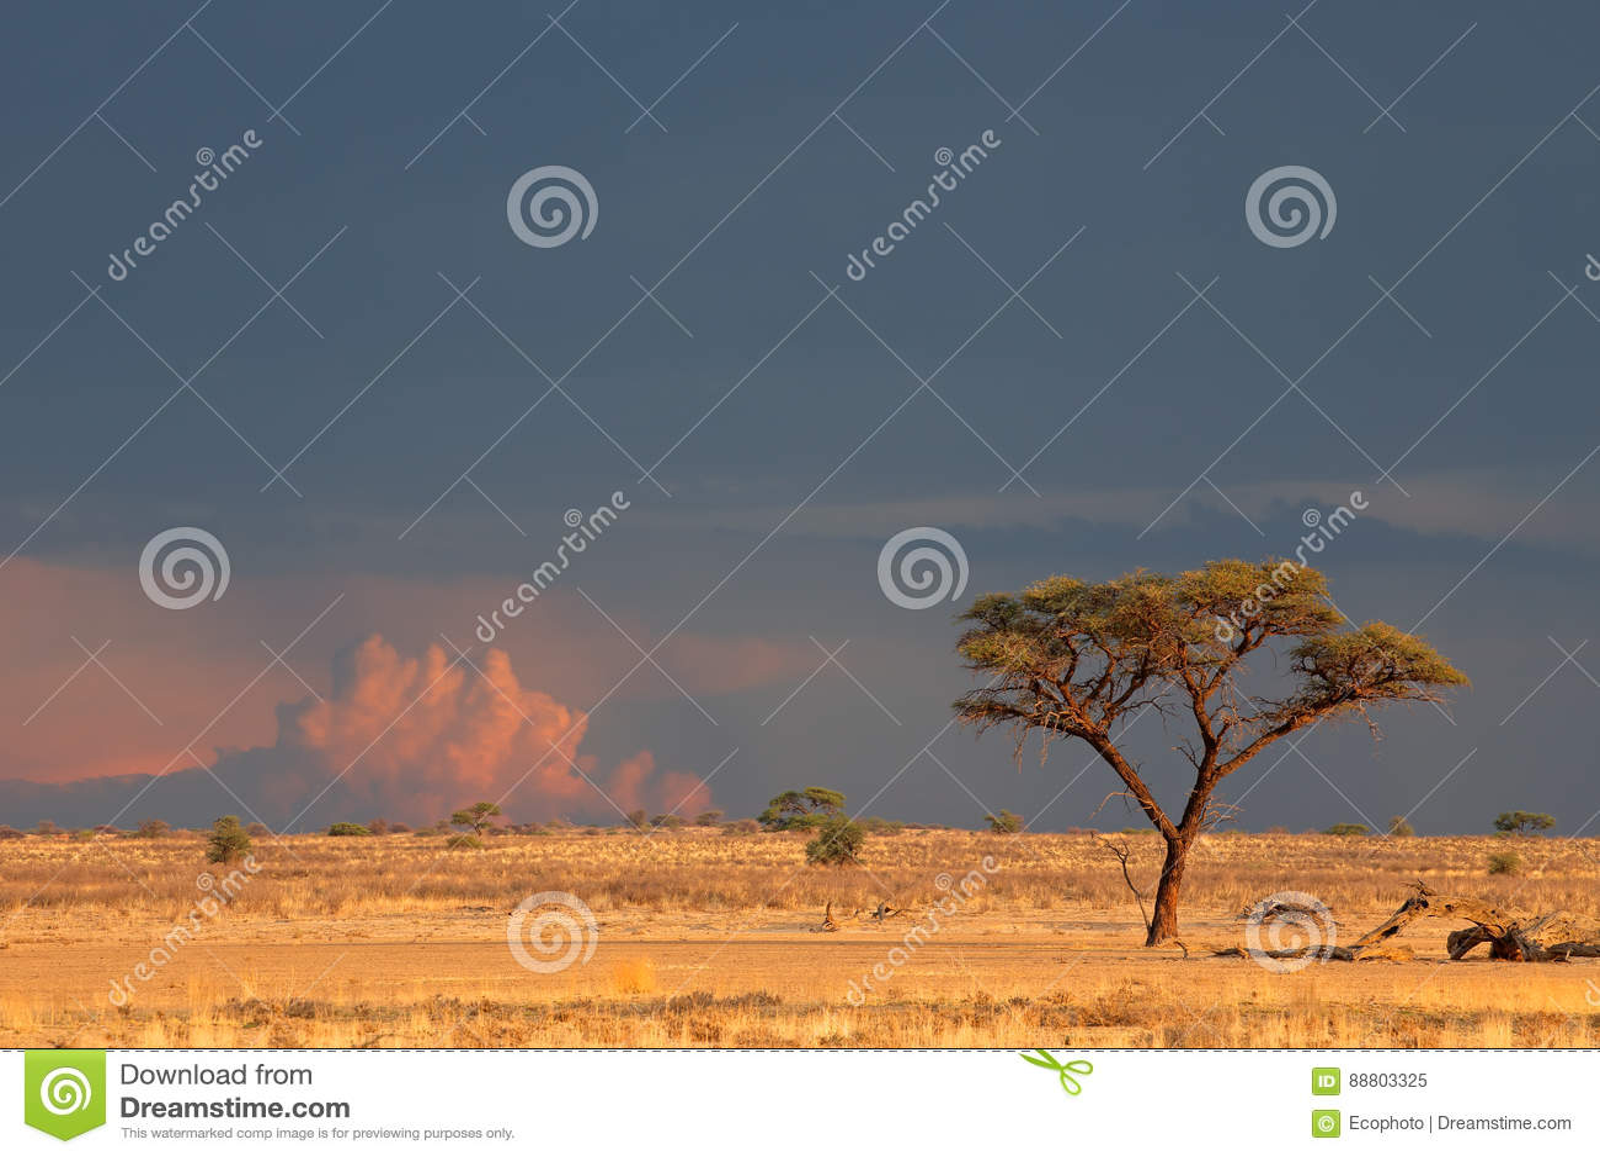 Paisagem do deserto de Kalahari